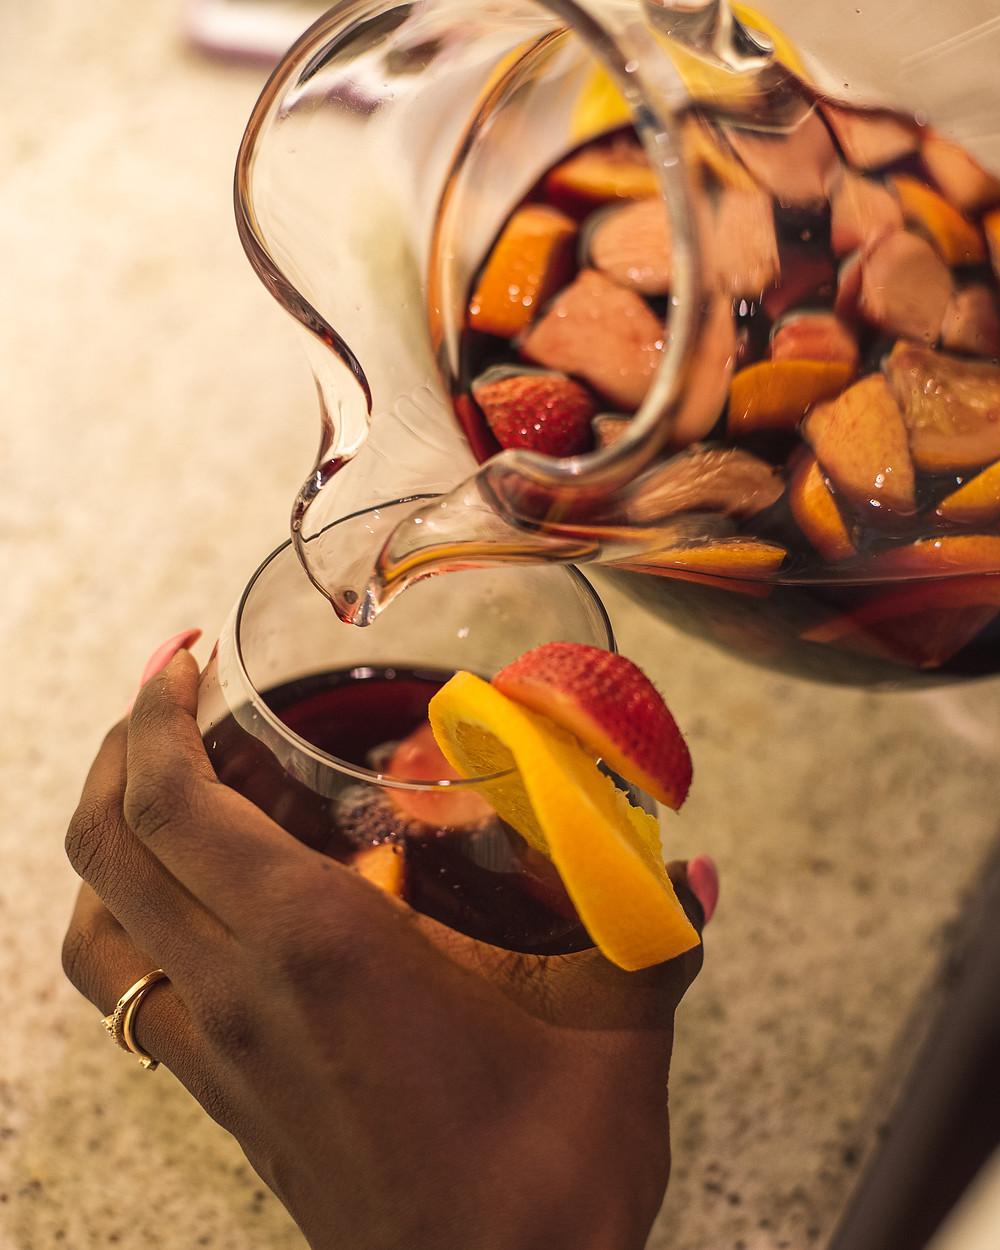 Let's Make A Red Wine Sangria